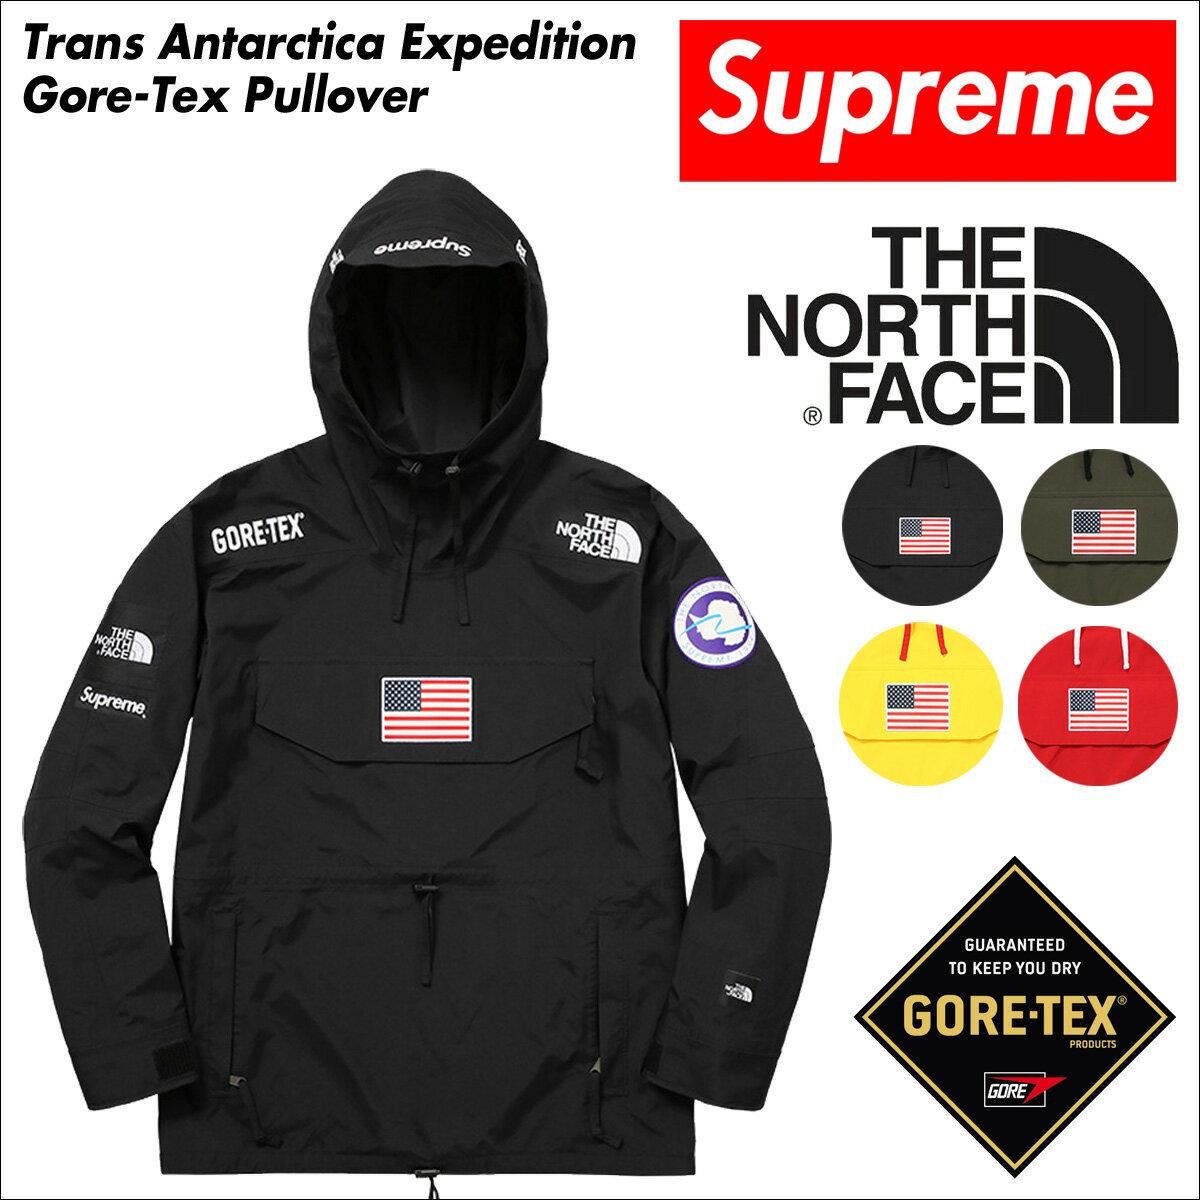 シュプリーム ノースフェイス ジャケット Supreme THE NORTH FACE プルオーバー マウンテンパーカー メンズ  NF0A37KB TRANS ANTARCTICA EXPEDITION PULLOVER:シュガーオンラインショップ